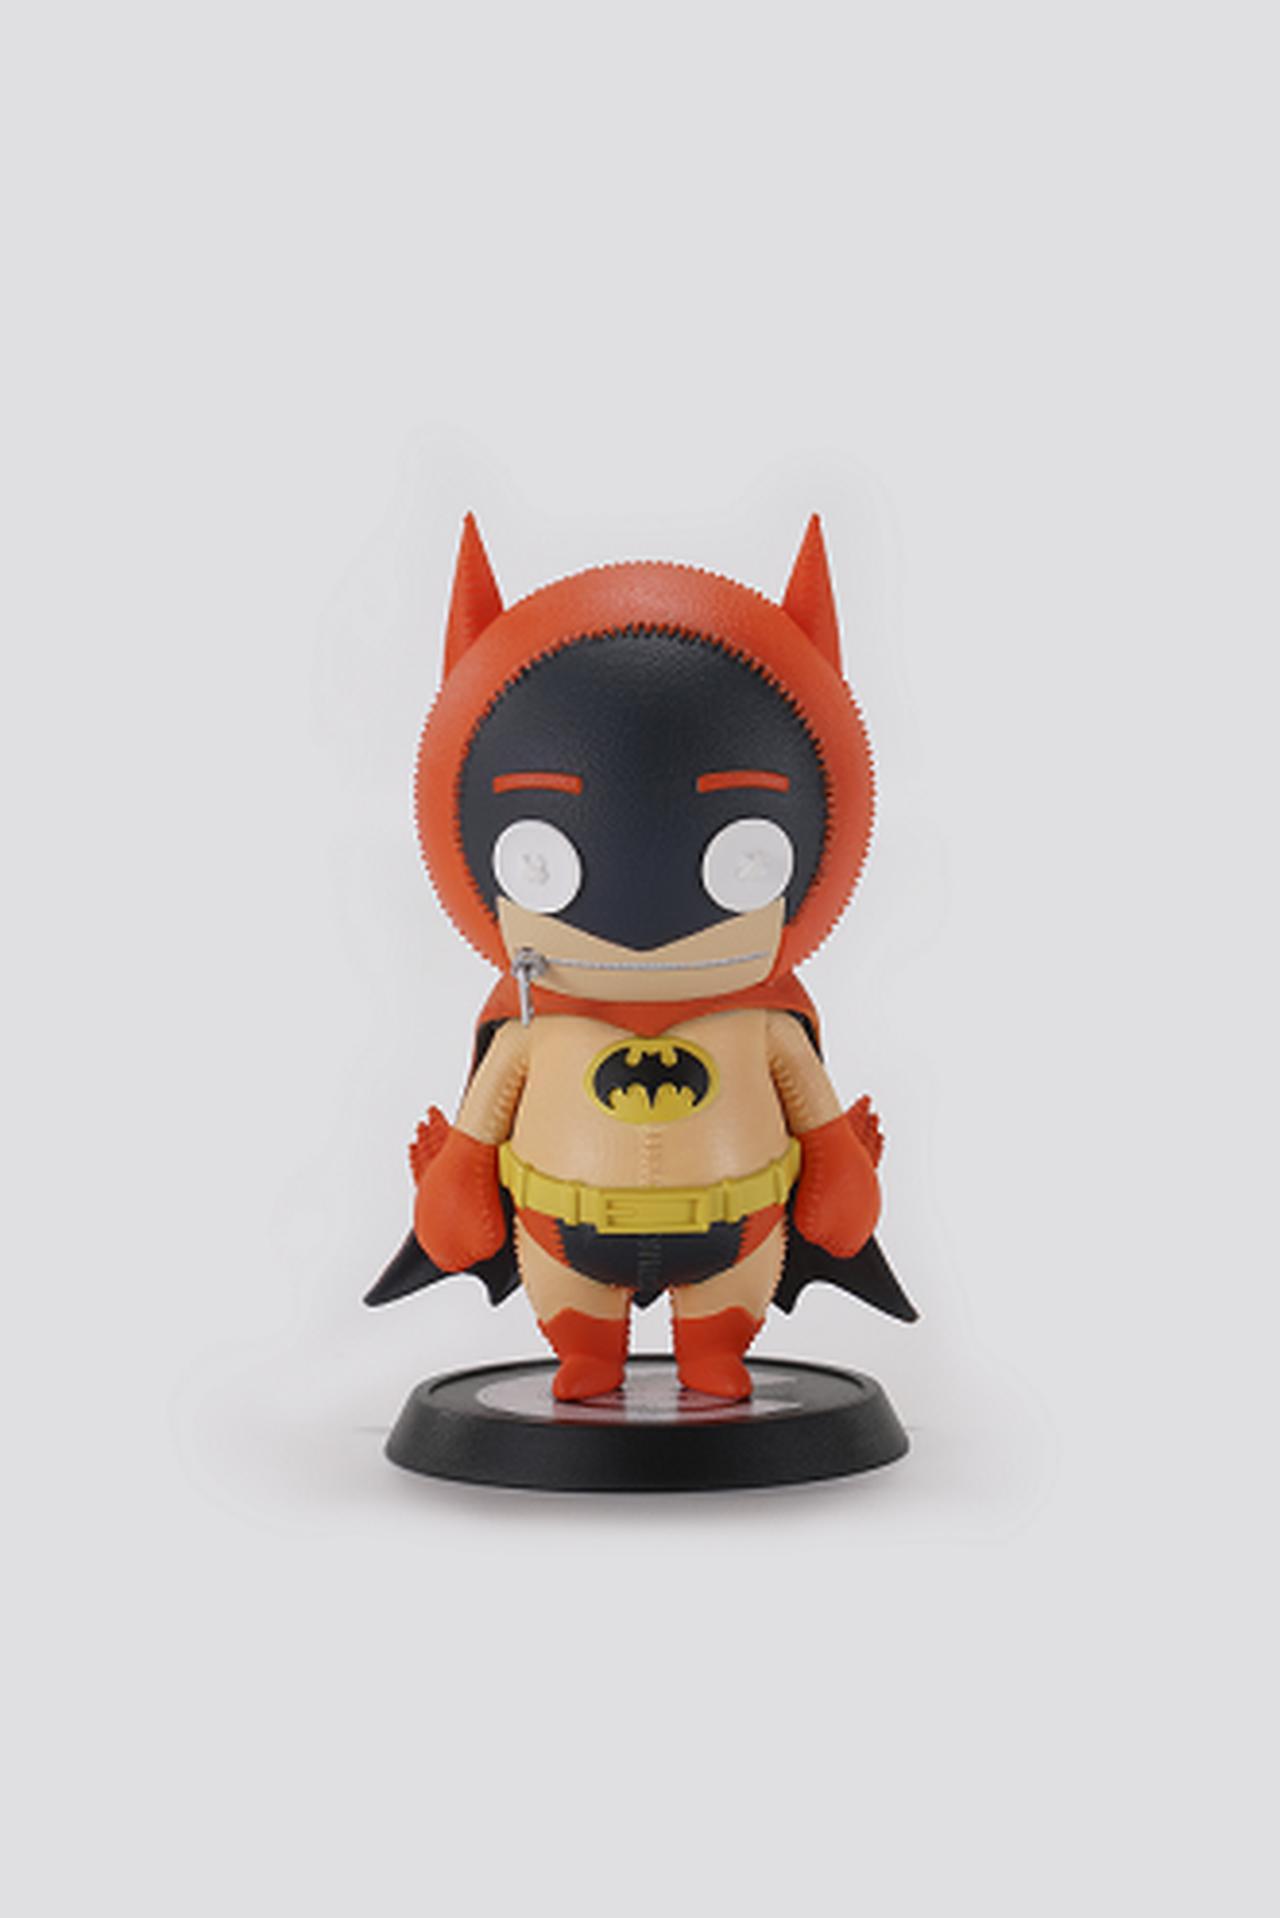 画像10: 9/19(土)は「バットマンの日」!お祝い企画が続々発表!